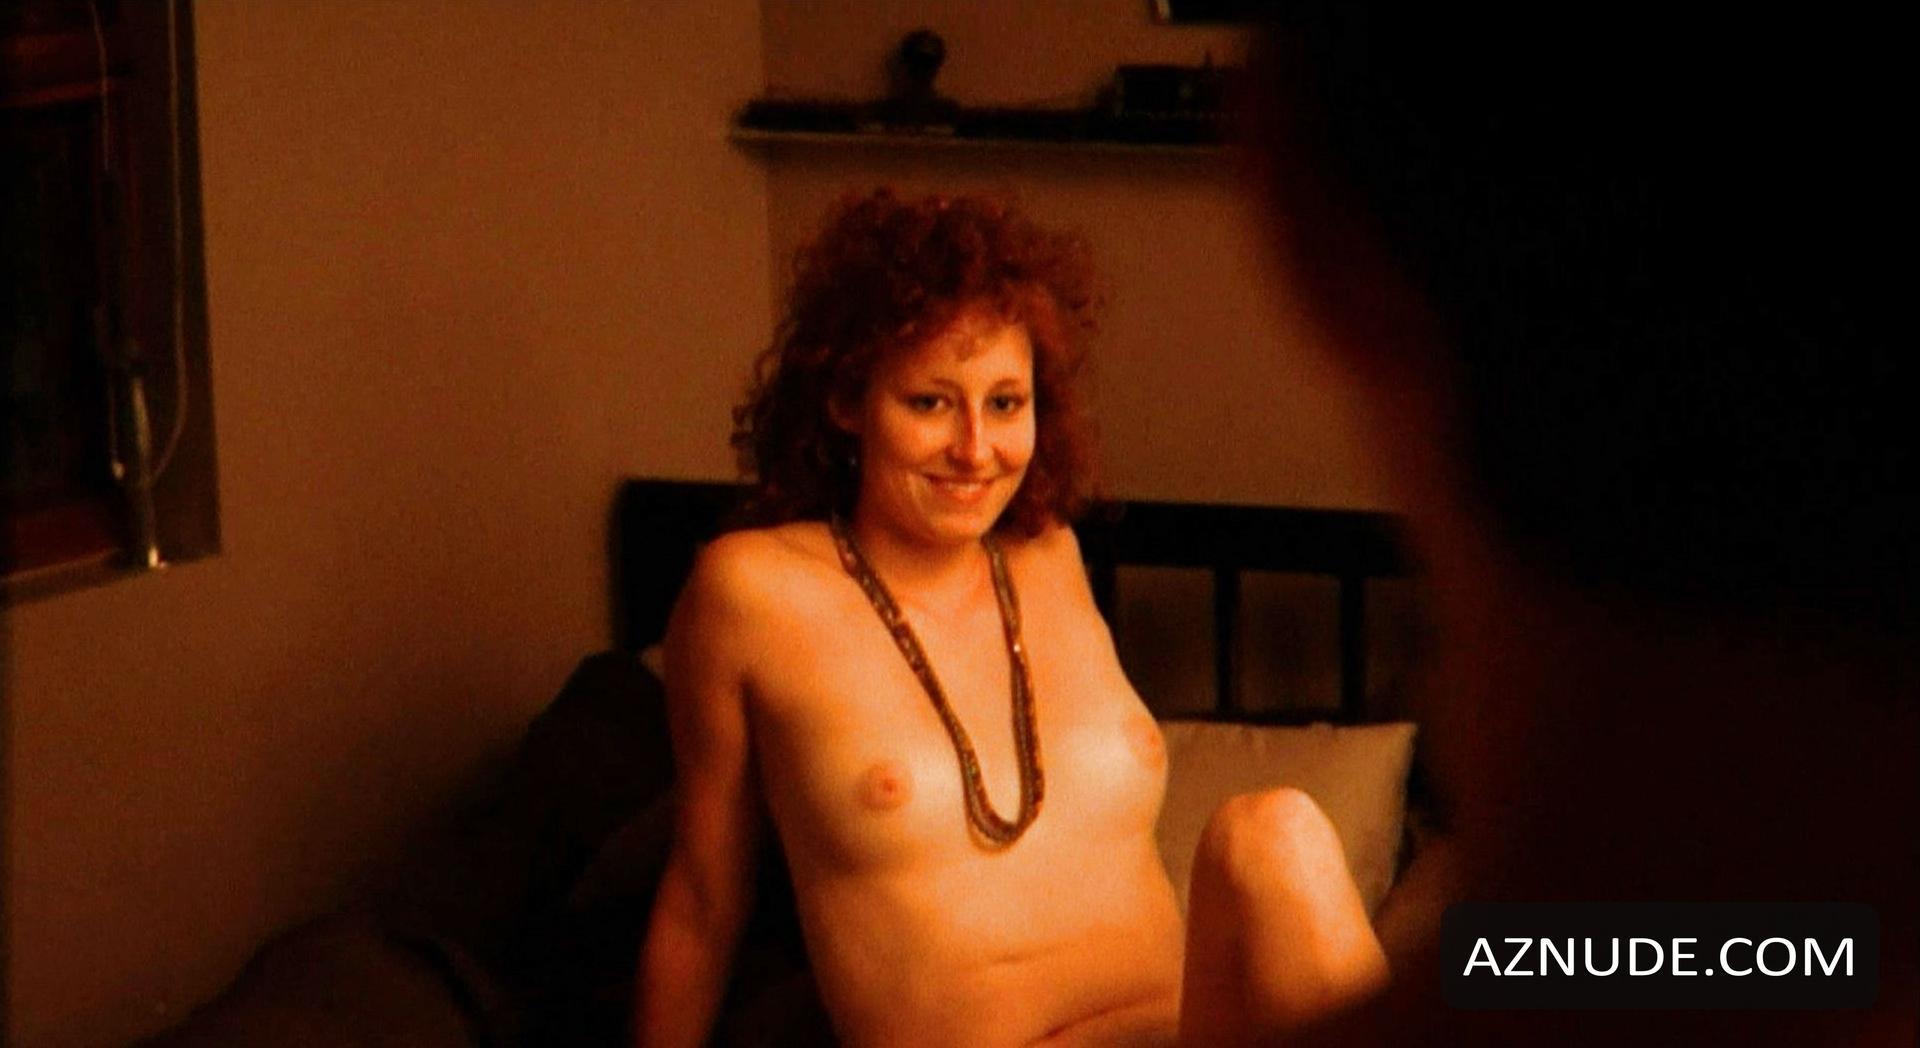 nackt Mercier Megan 65 Sexy